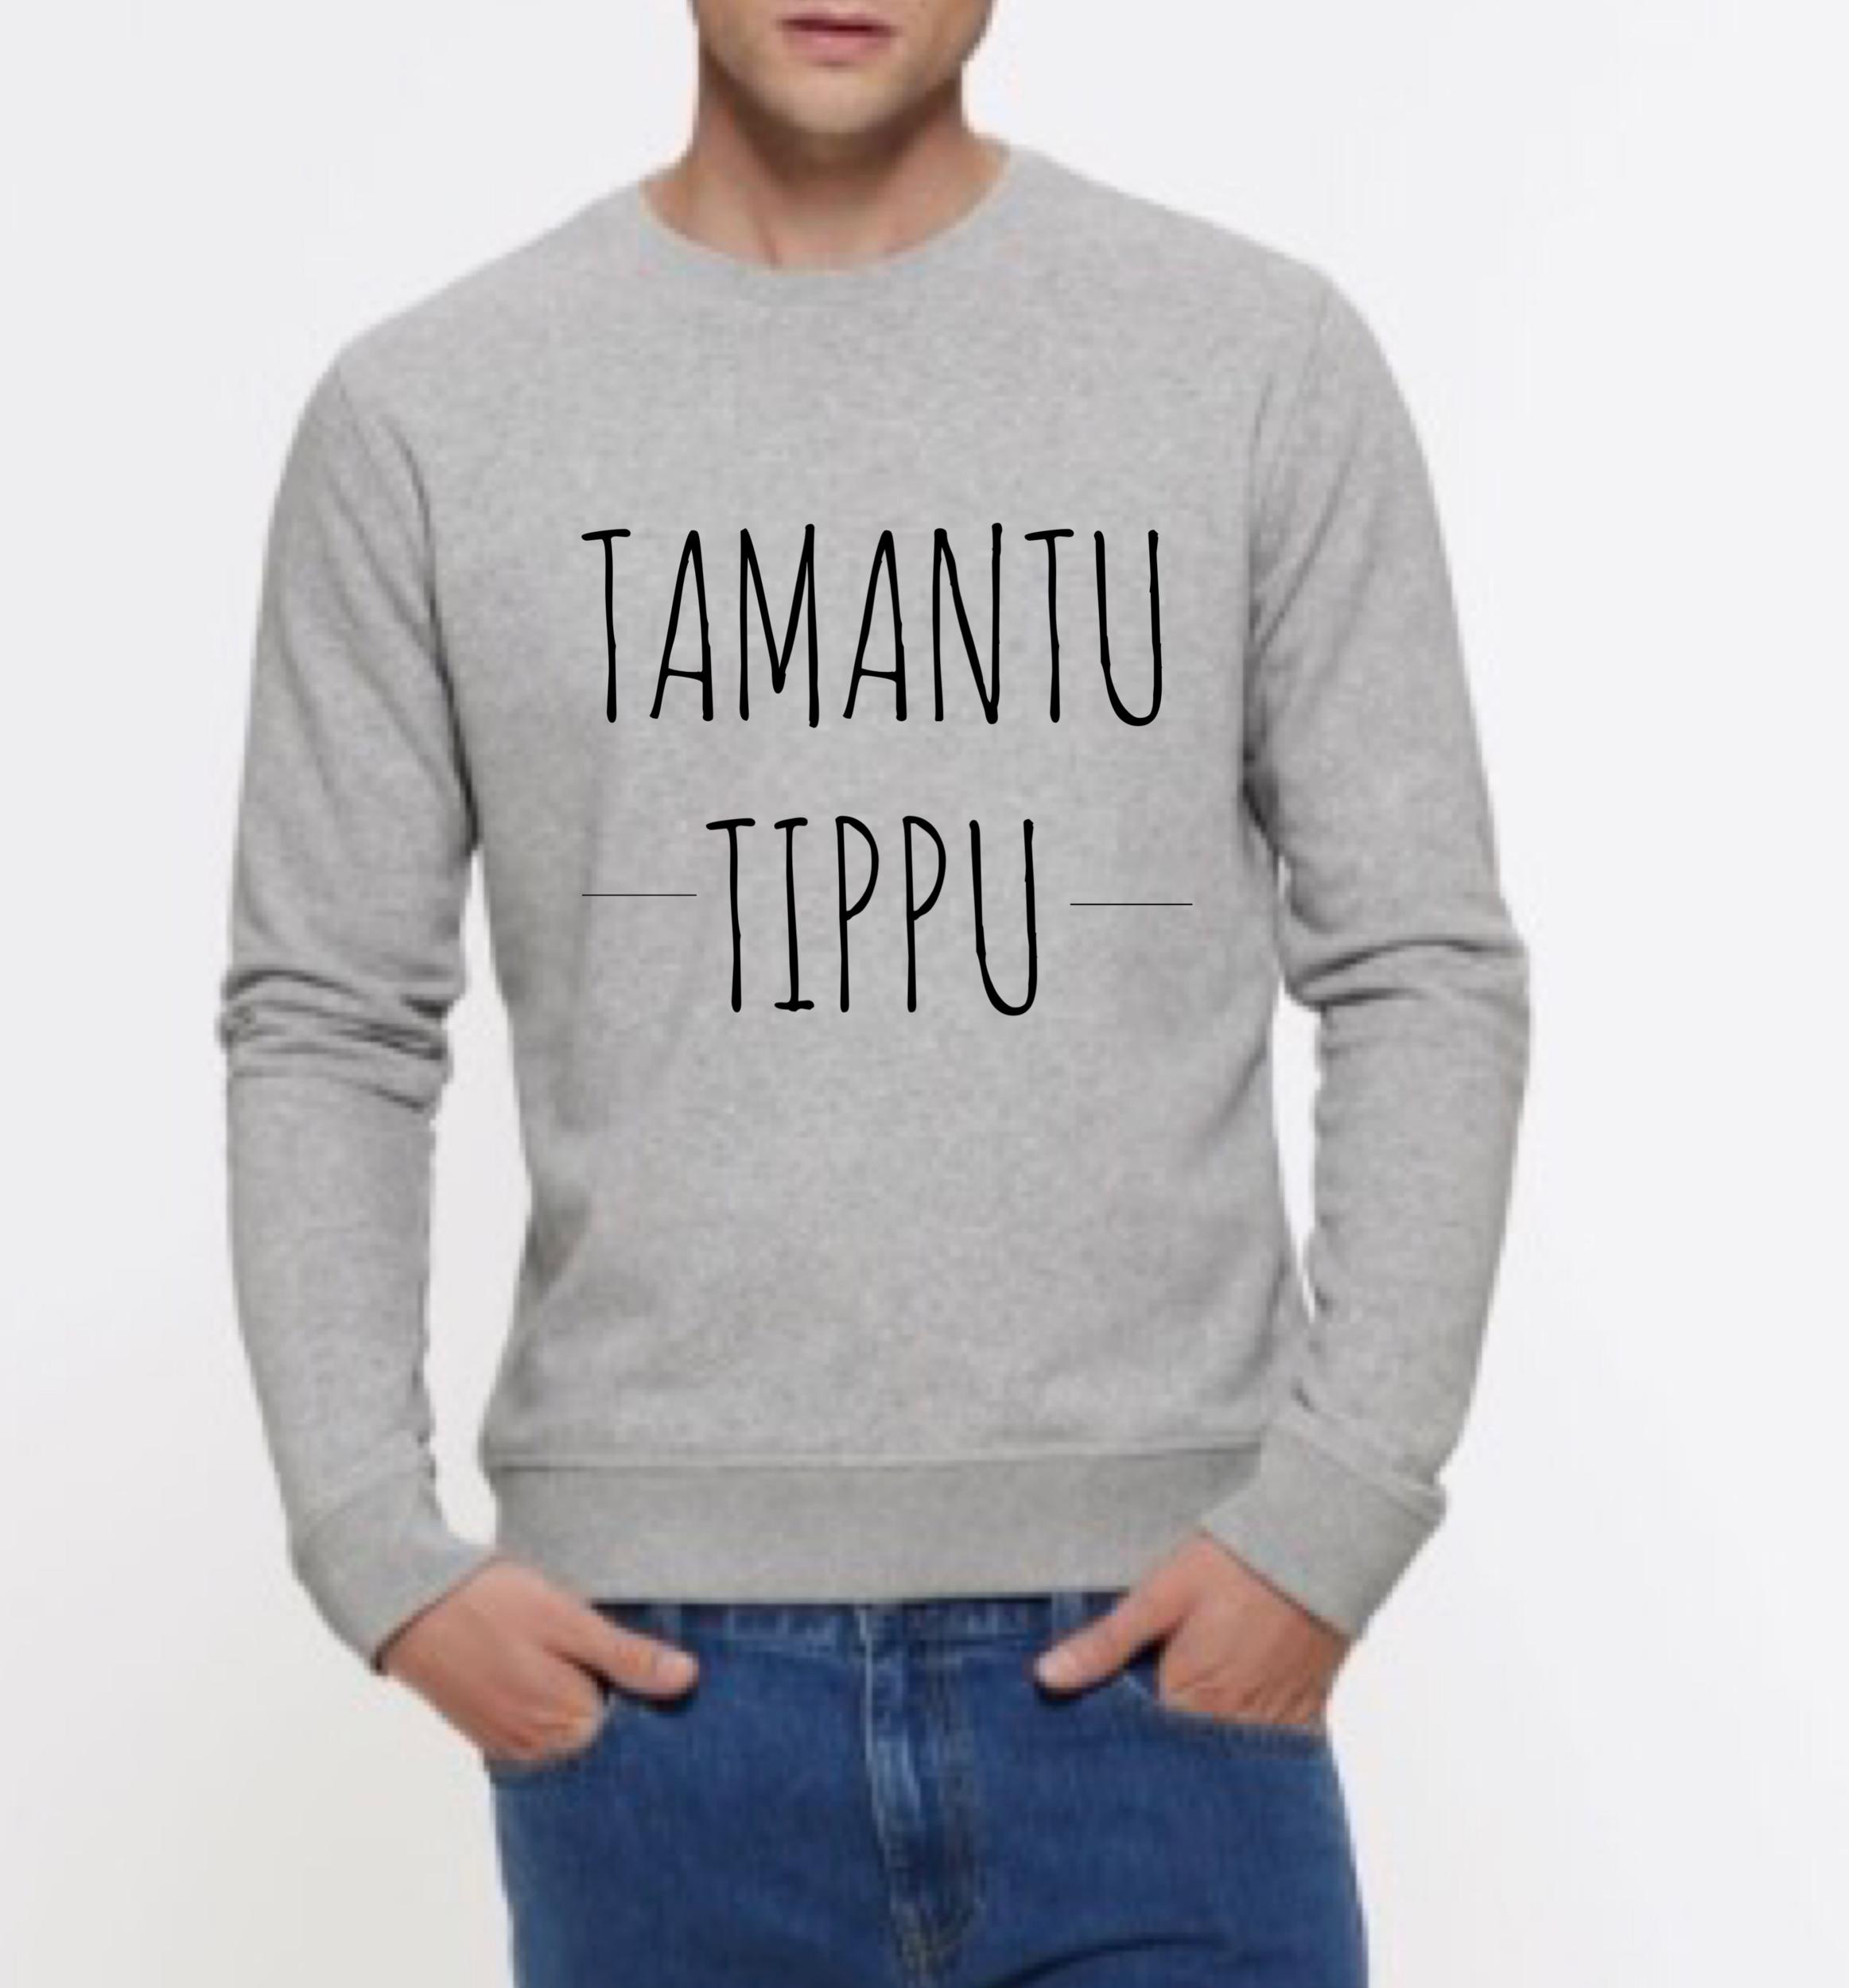 TAMANTU TIPPU